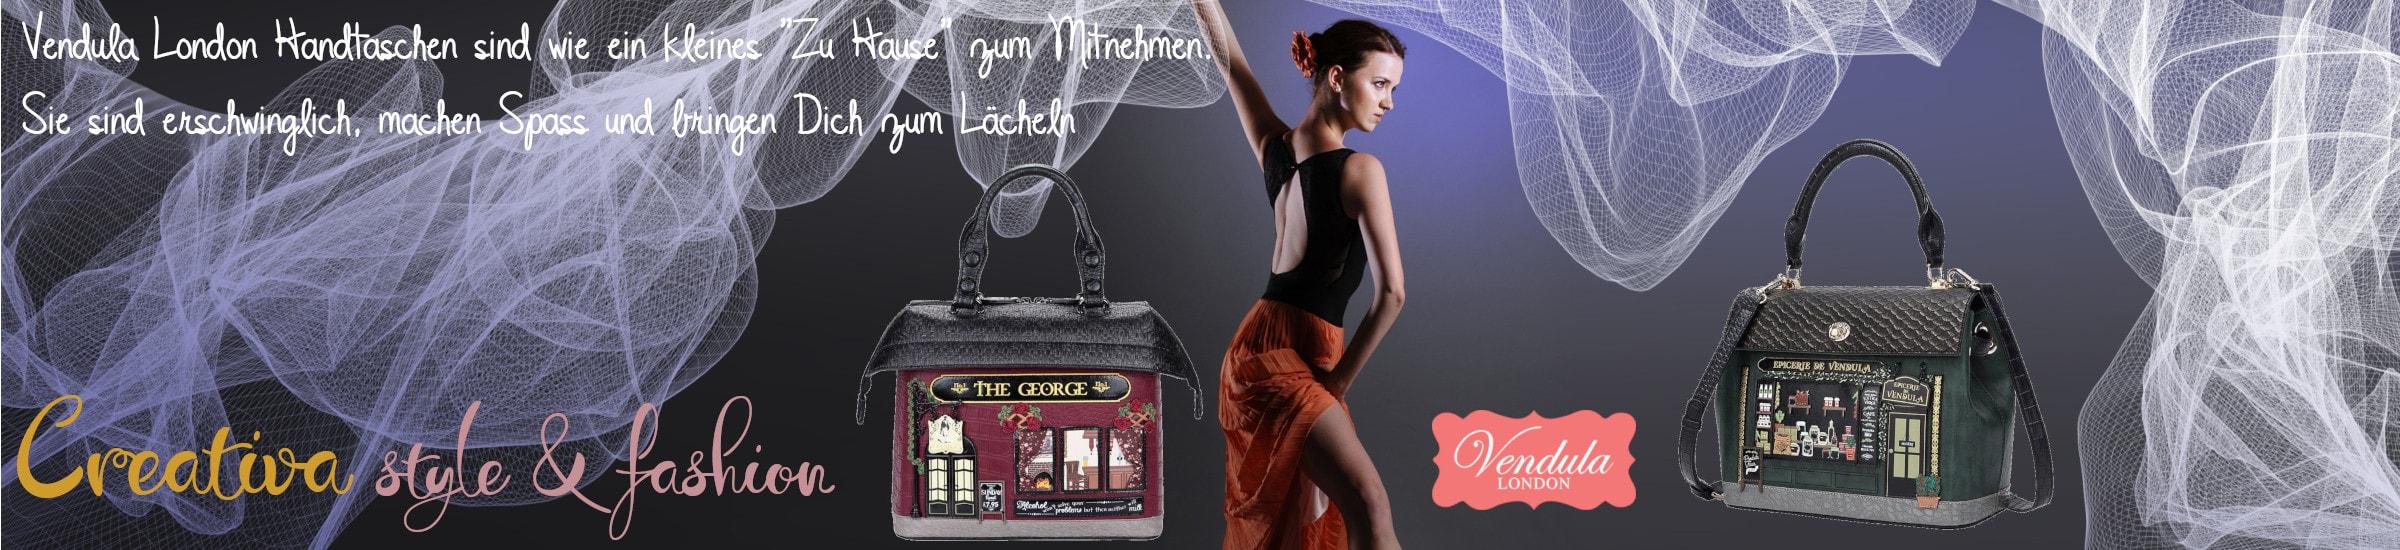 Creativa style & fashion präsentiert die neue Kollektion von Vendula London Damenhandtaschen